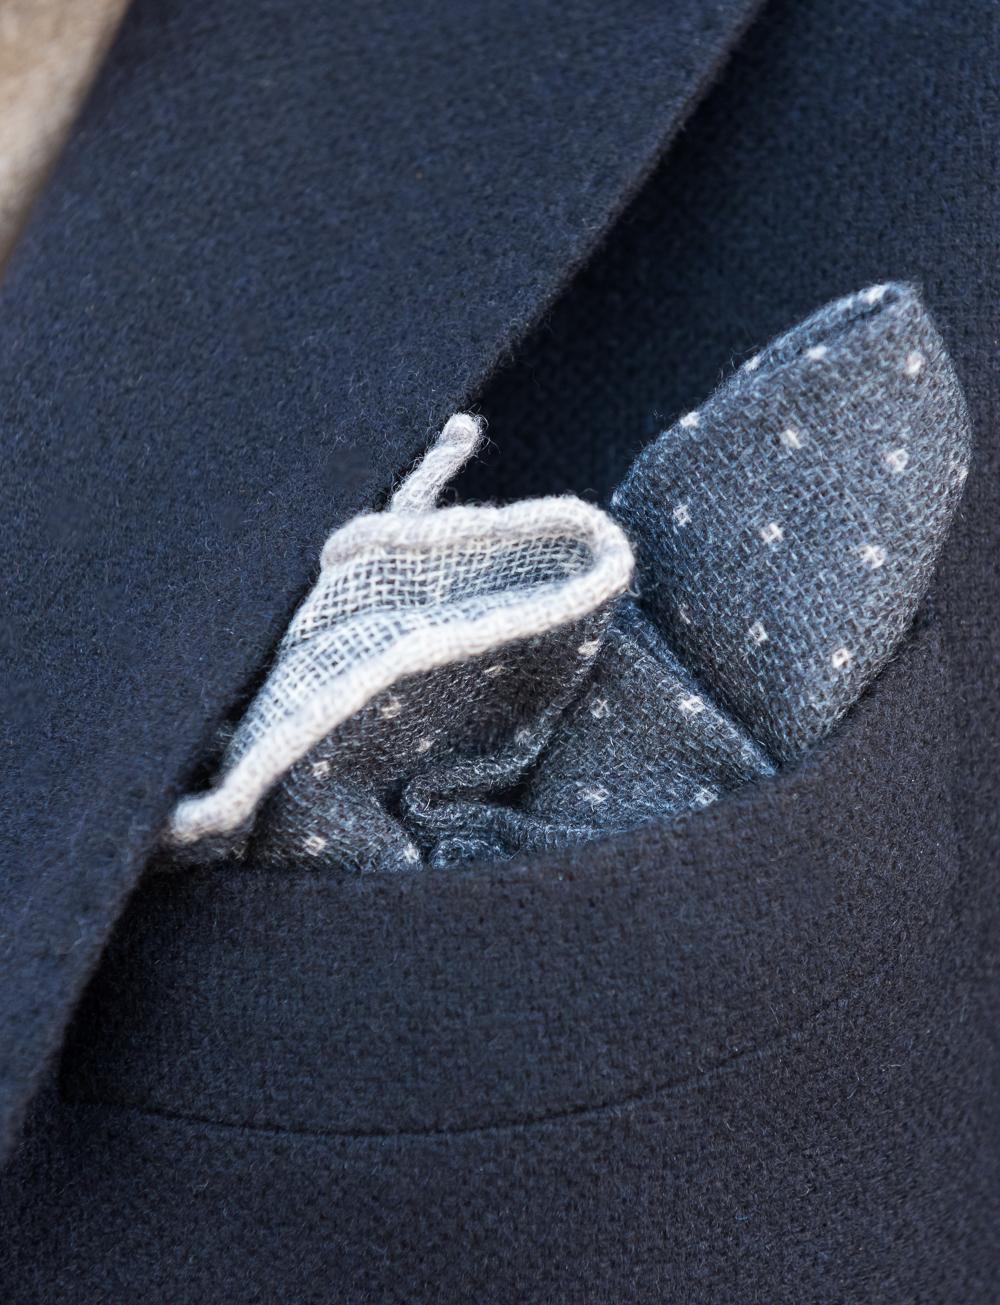 Pochette en cachemire à pois – indigo gris   Cadot fd2f62ed9f1